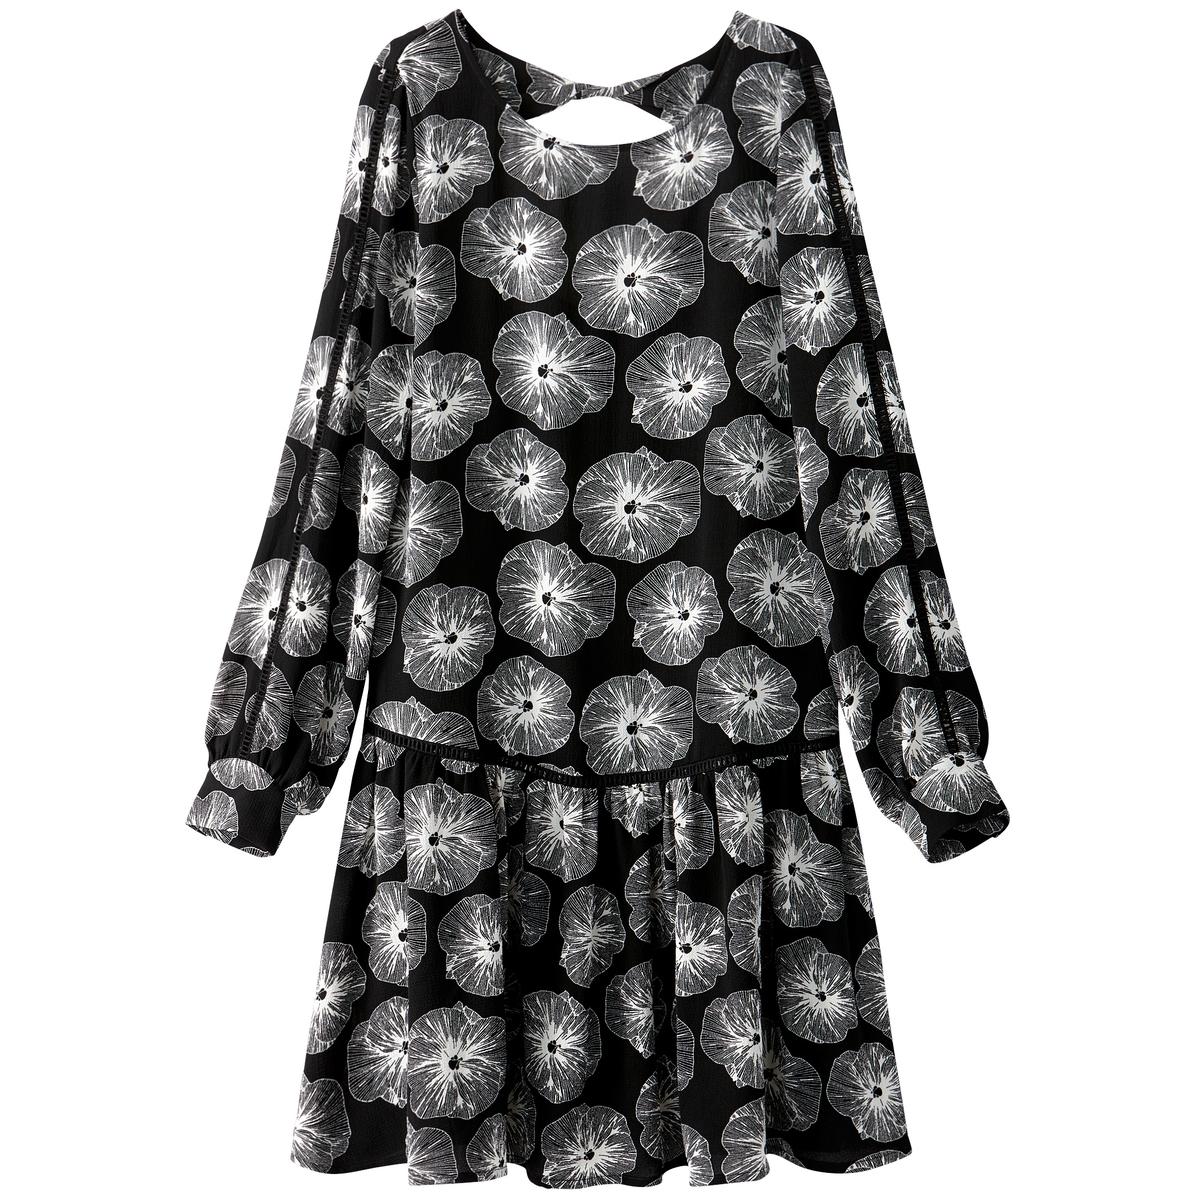 Платье средней длины с рисунком, расширяющееся к низуДетали •  Форма : расклешенная •  Длина до колен •  Длинные рукава    •  Круглый вырез •  Рисунок-принтСостав и уход •  4% эластана, 96% полиэстера •  Температура стирки 30°   •  Сухая чистка и отбеливание запрещены •  Не использовать барабанную сушку •  Низкая температура глажки<br><br>Цвет: рисунок/фон черный<br>Размер: 44 (FR) - 50 (RUS)